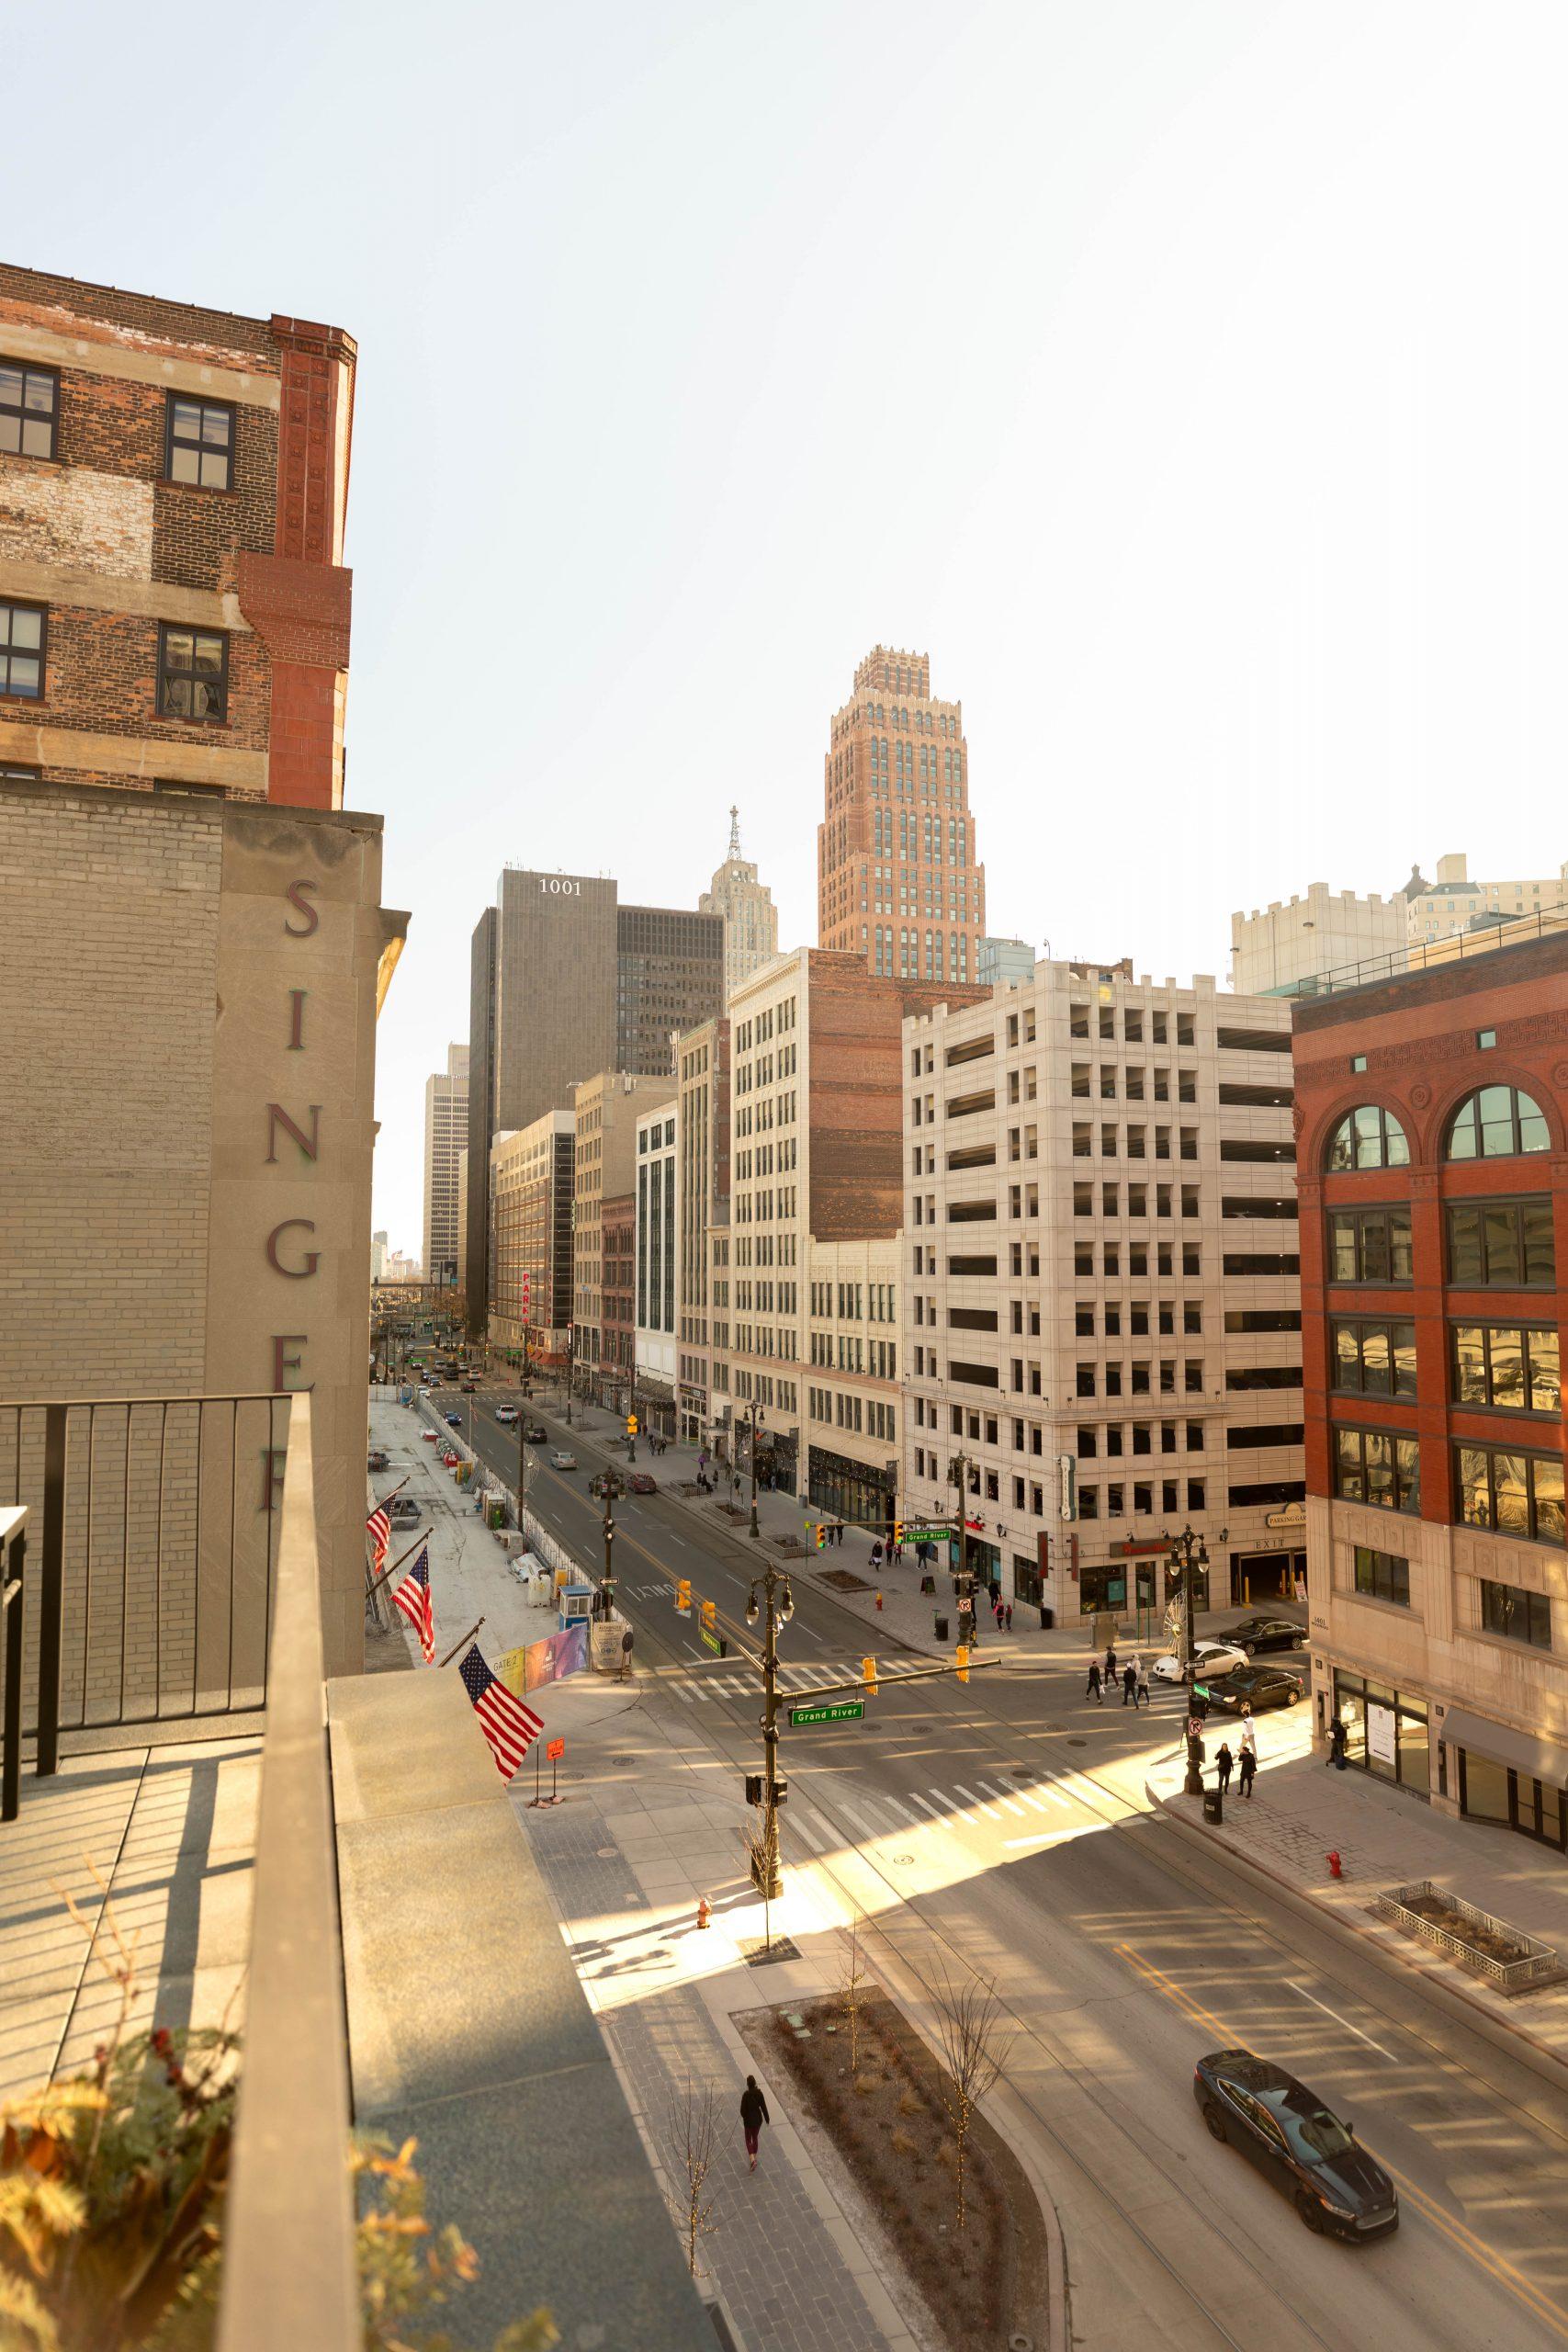 Detroit's Luxurious Shinola Hotel on Woodward Ave Penthouse Suite